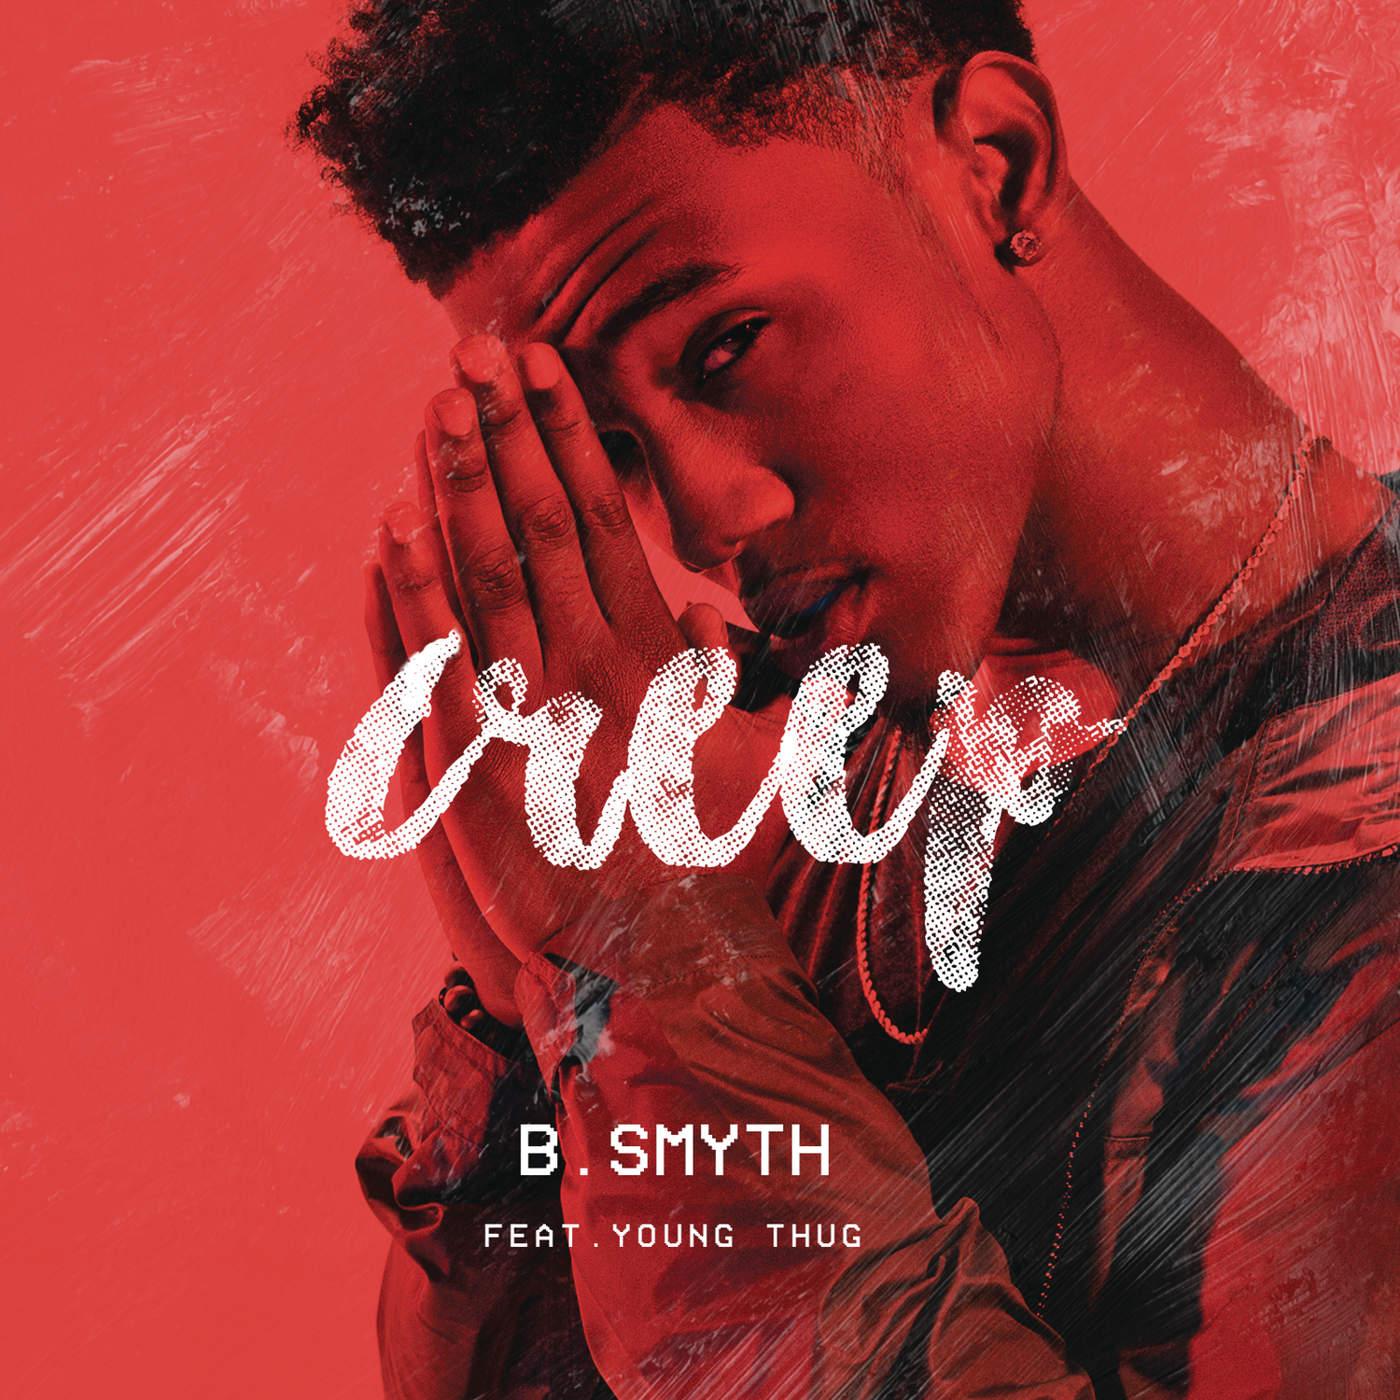 B. Smyth - Creep (feat. Young Thug) - Single Cover